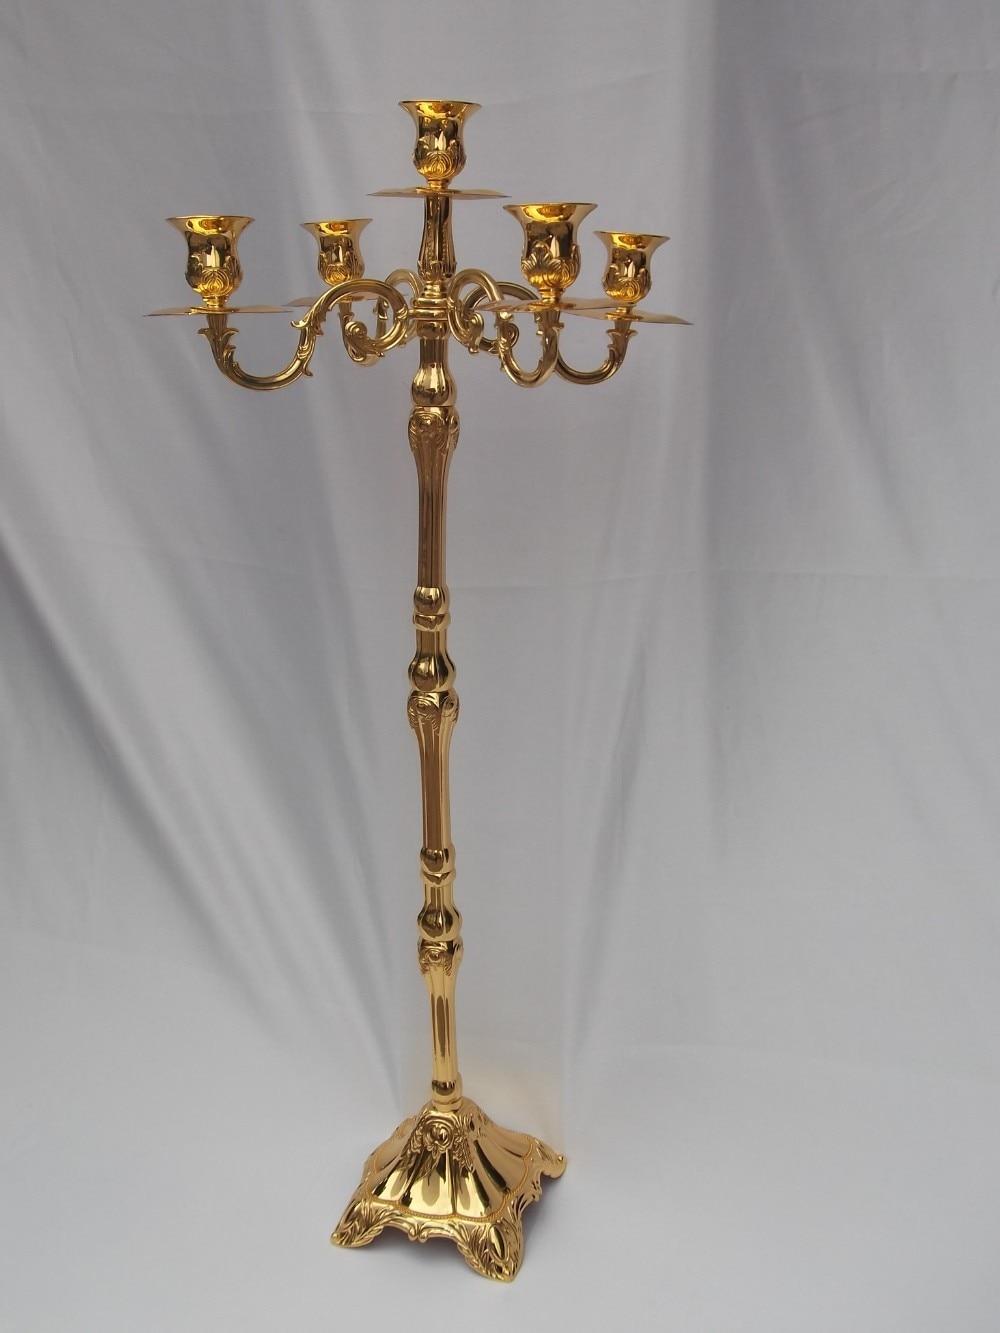 Nouvelle arrivée 83cm brillant doré candélabre pièce maîtresse, - Décor à la maison - Photo 6